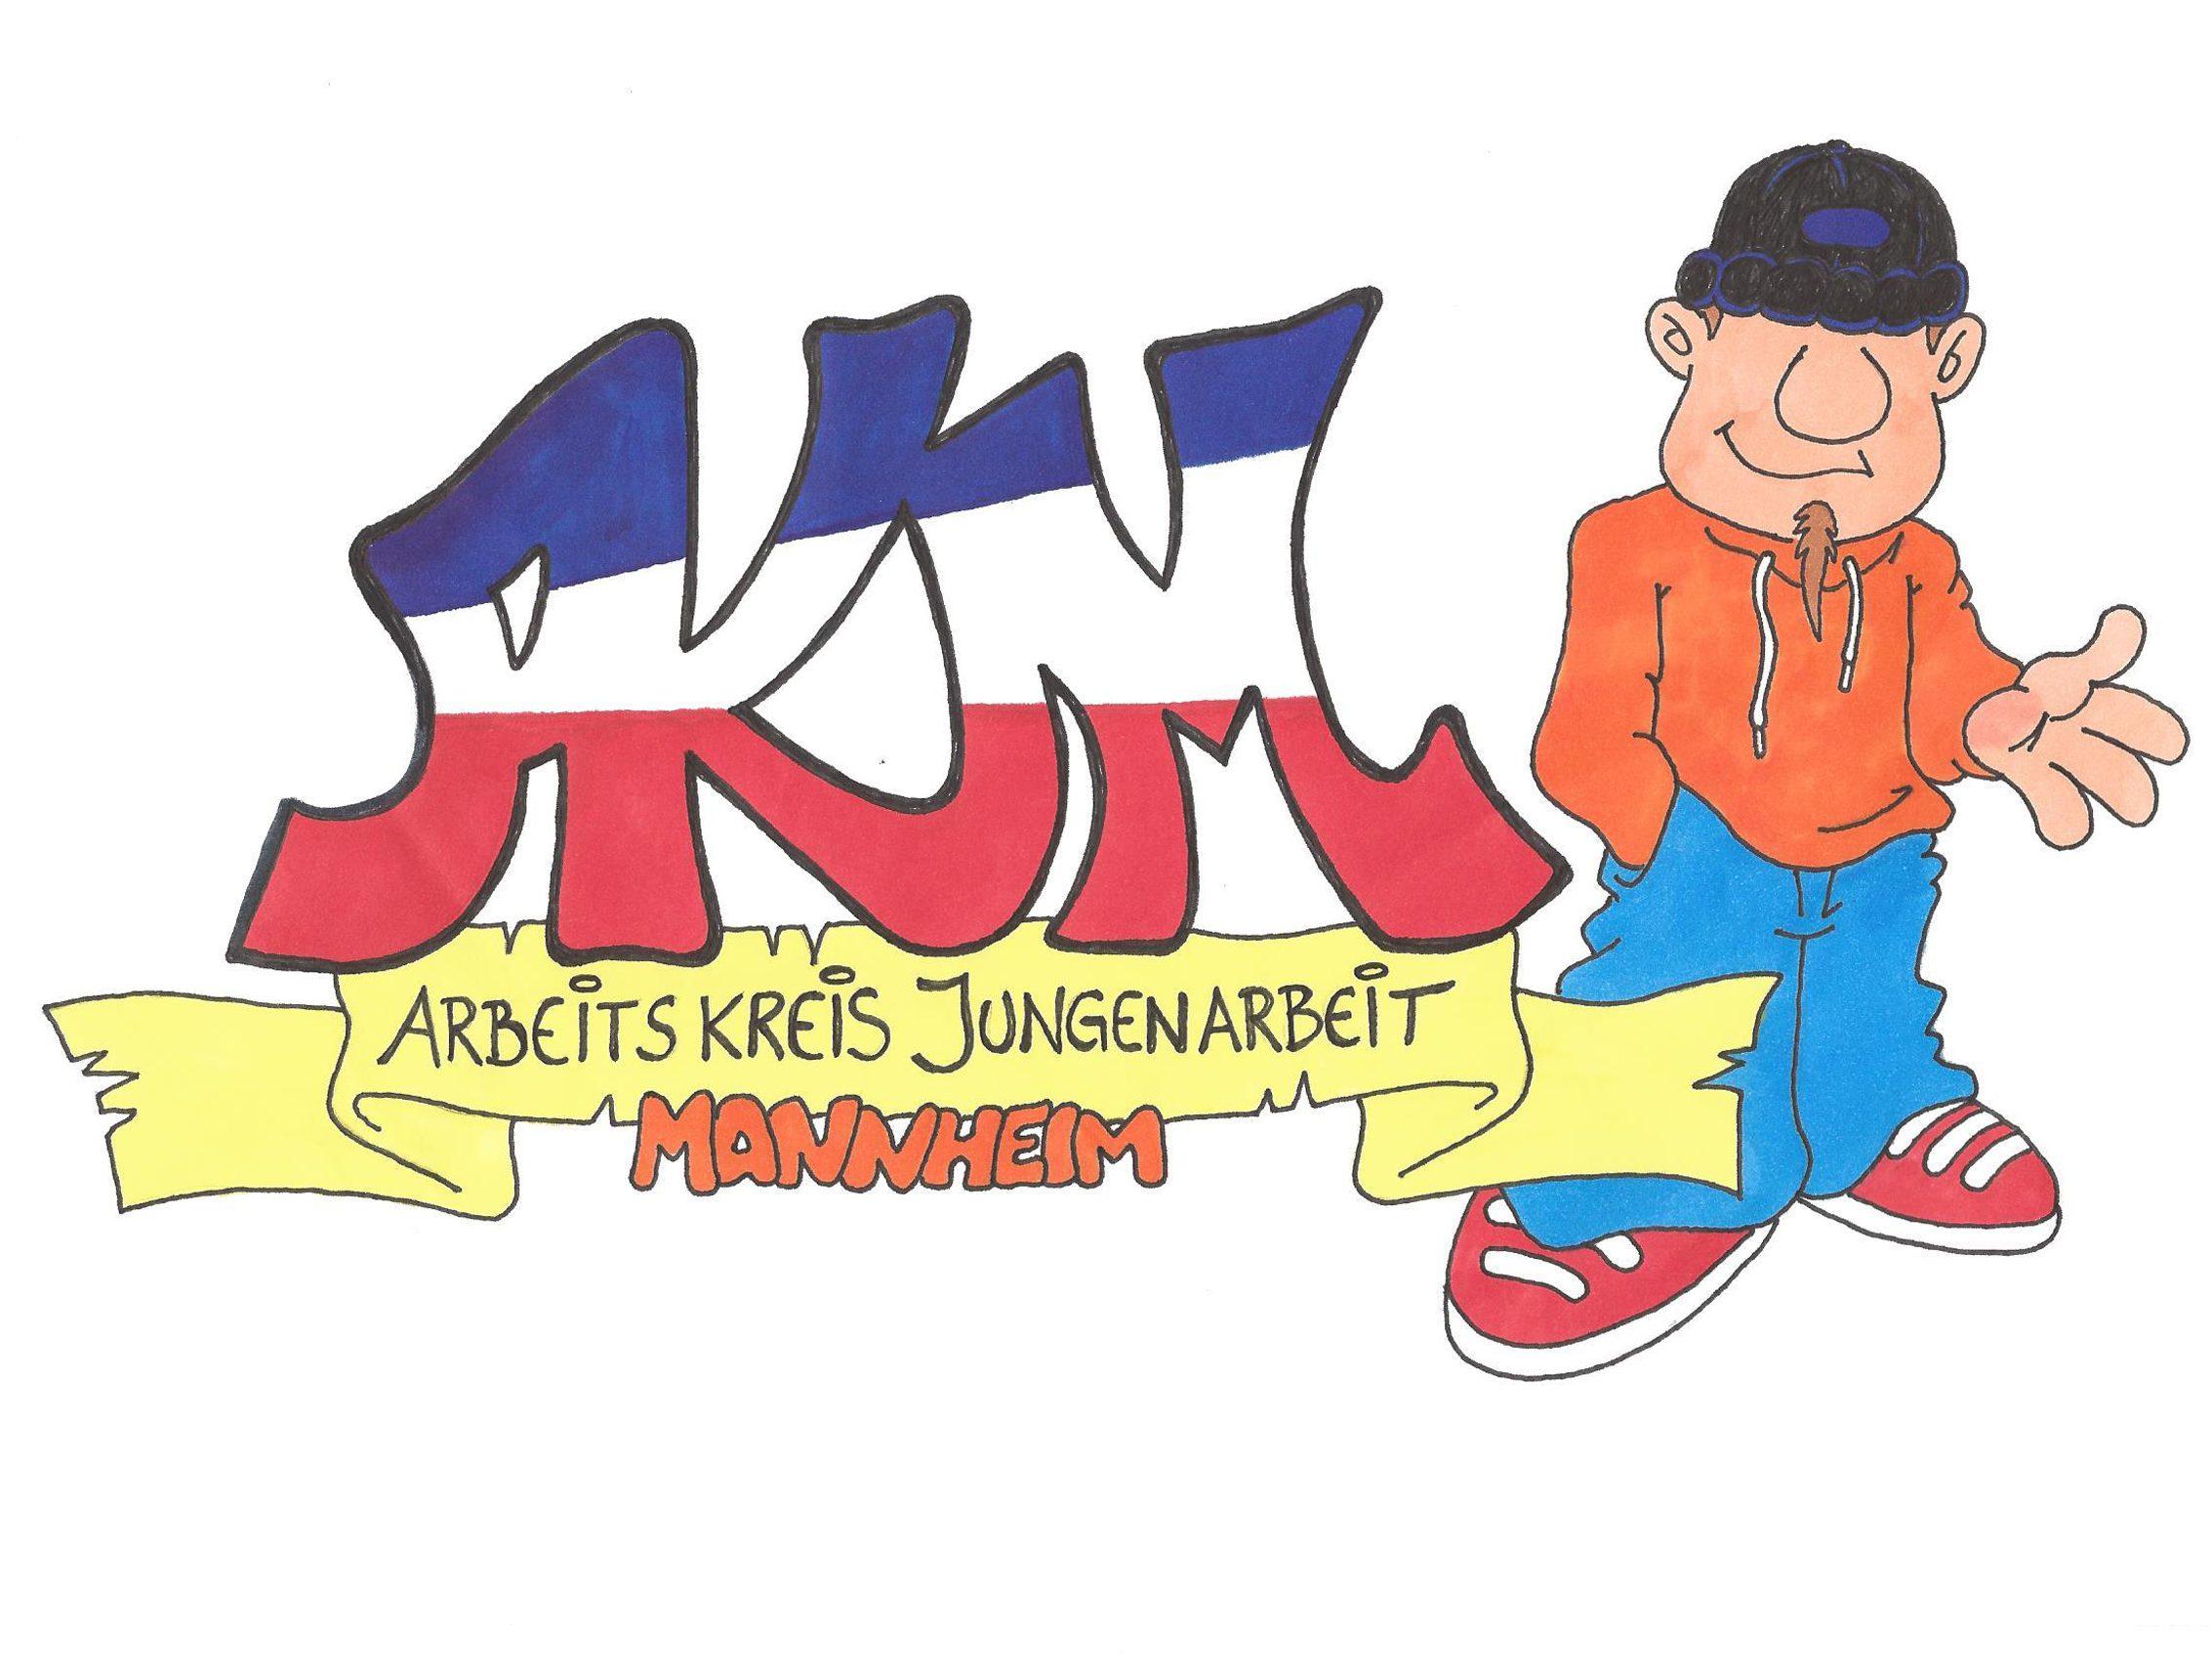 Arbeitskreis Jungenarbeit Mannheim